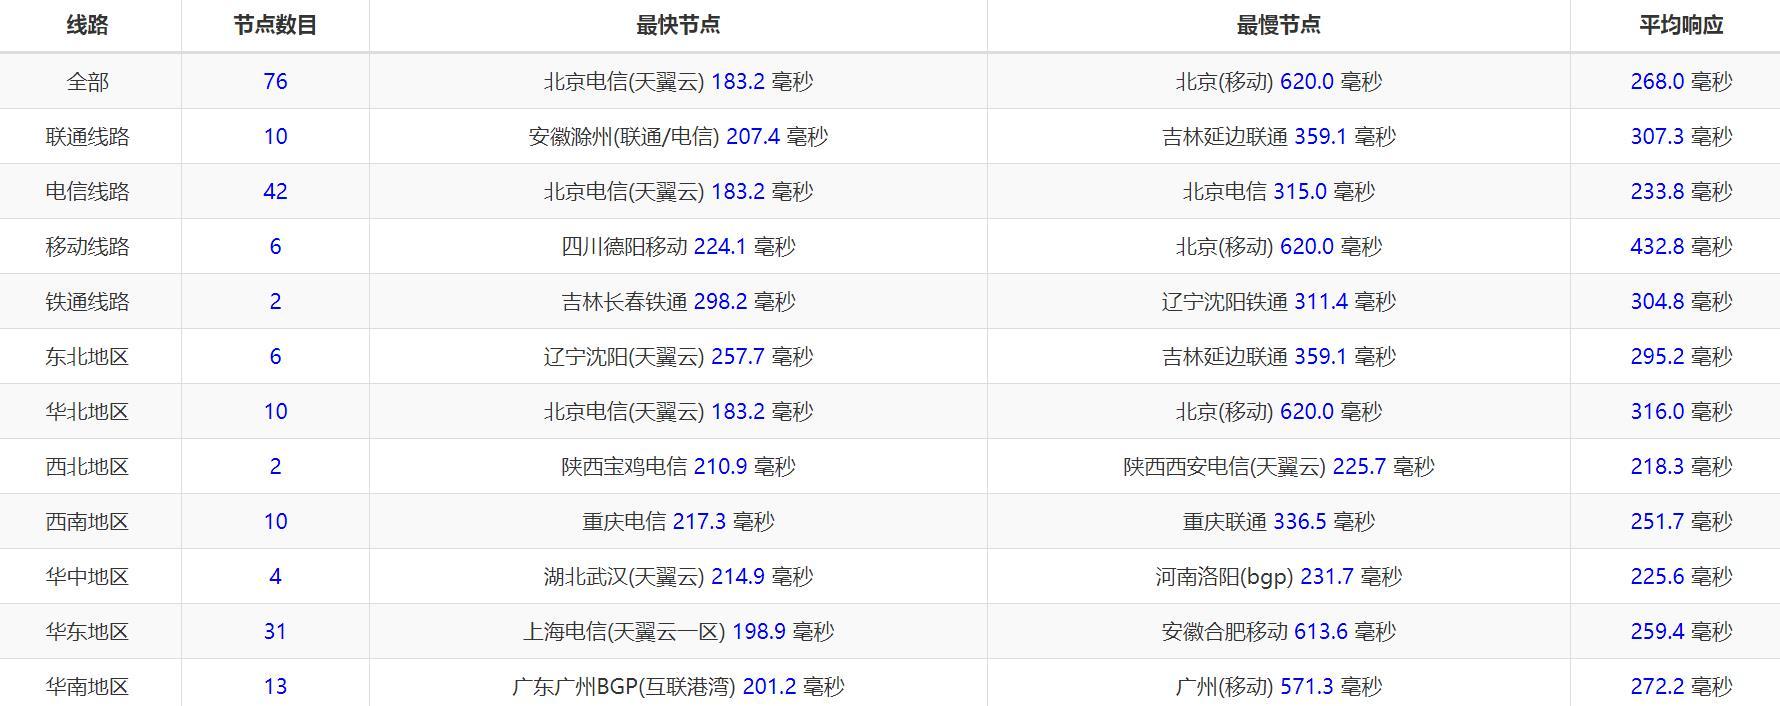 羊毛党之家 OVH E3-1245v5 32GB内存 SSD硬盘 500Mbps带宽 英国 独立服务器测评  https://yangmaodang.org